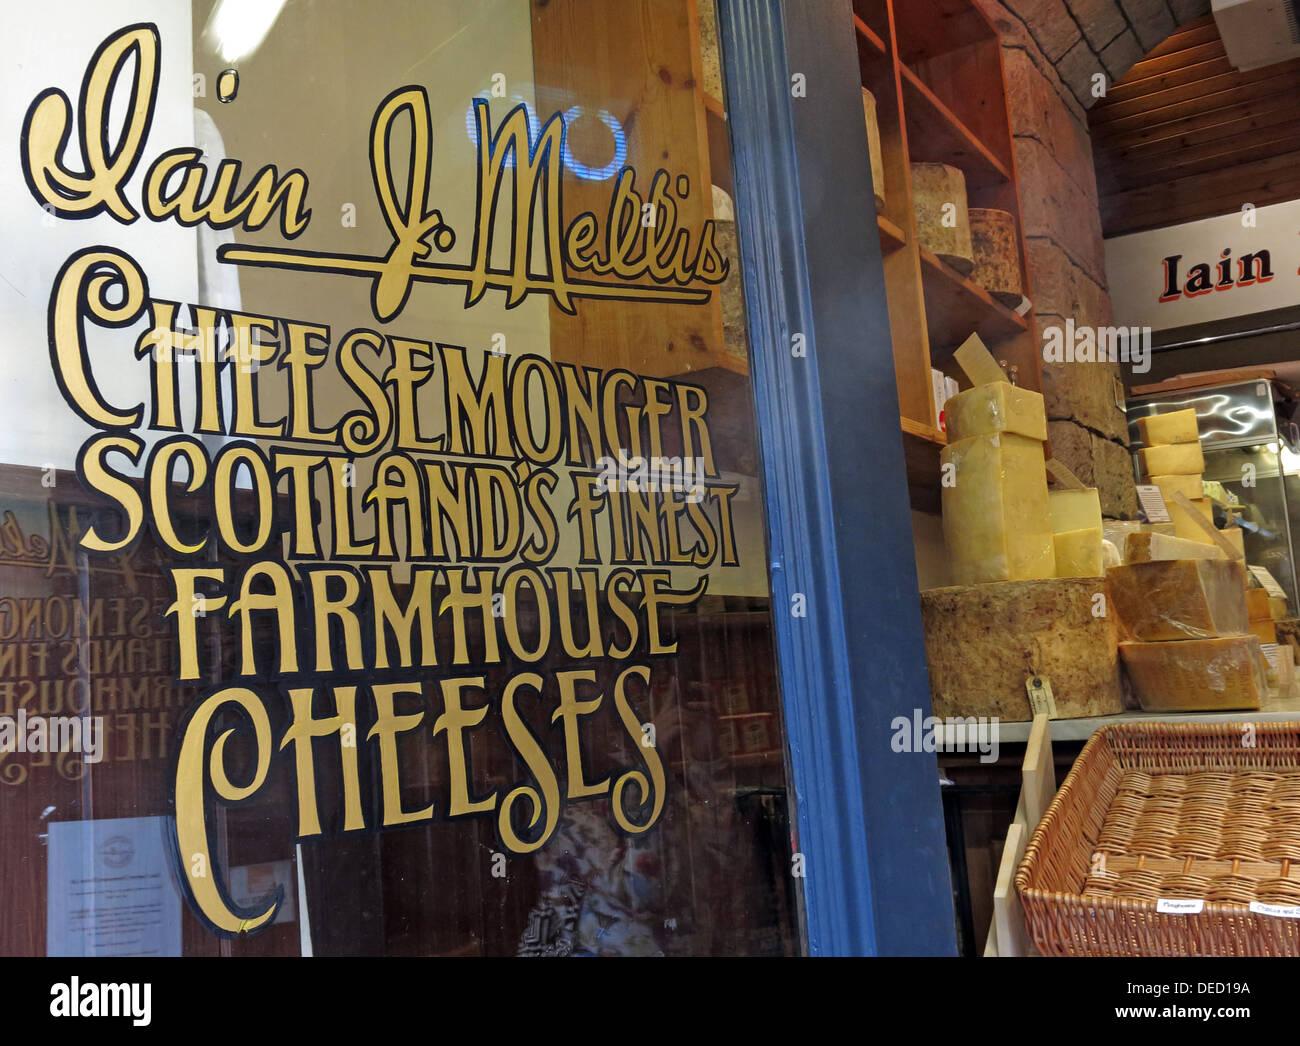 Laden Sie dieses Alamy Stockfoto Iain Mellis Käser, Victoria St, Edinburgh, Schottland, Großbritannien - DED19A